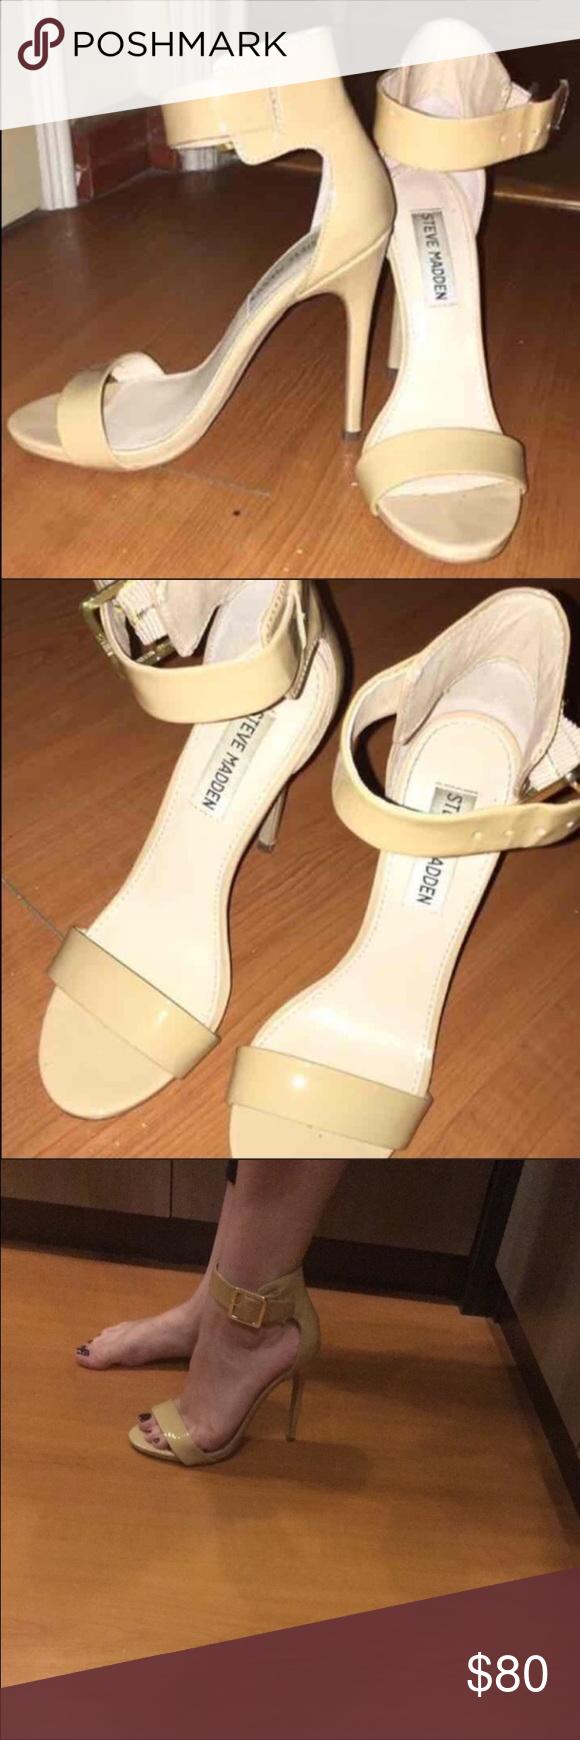 Steven madden marleene open toe sandal heels size6 Steve Madden marleene open toe sandals heels size 6! Worn for an hour ! Bought for 100 selling for 80!! Steve Madden Shoes Heels